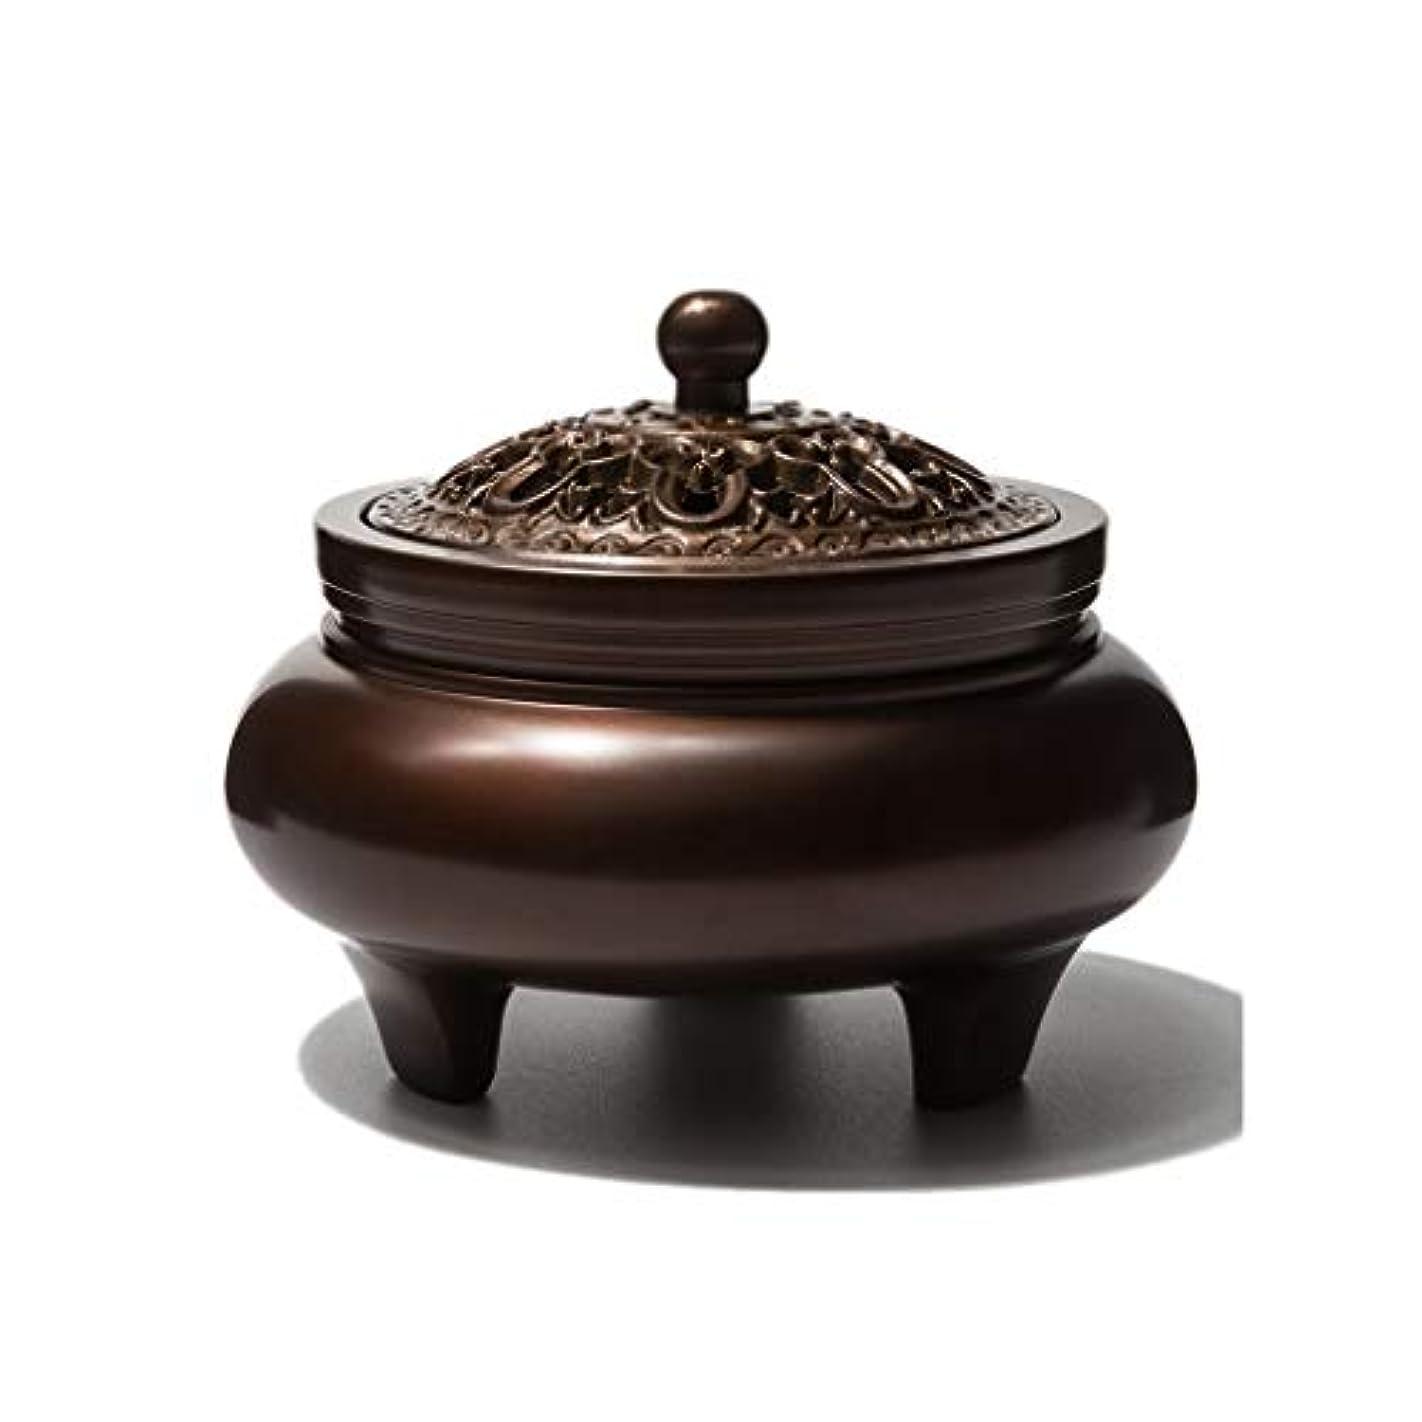 つらい真鍮イブニングホームアロマバーナー 銅香バーナーアロマテラピーホルダー純粋な銅茶道白檀炉屋内香バーナーレトロノスタルジア11.5センチ* 7.8センチ* 9センチ アロマバーナー